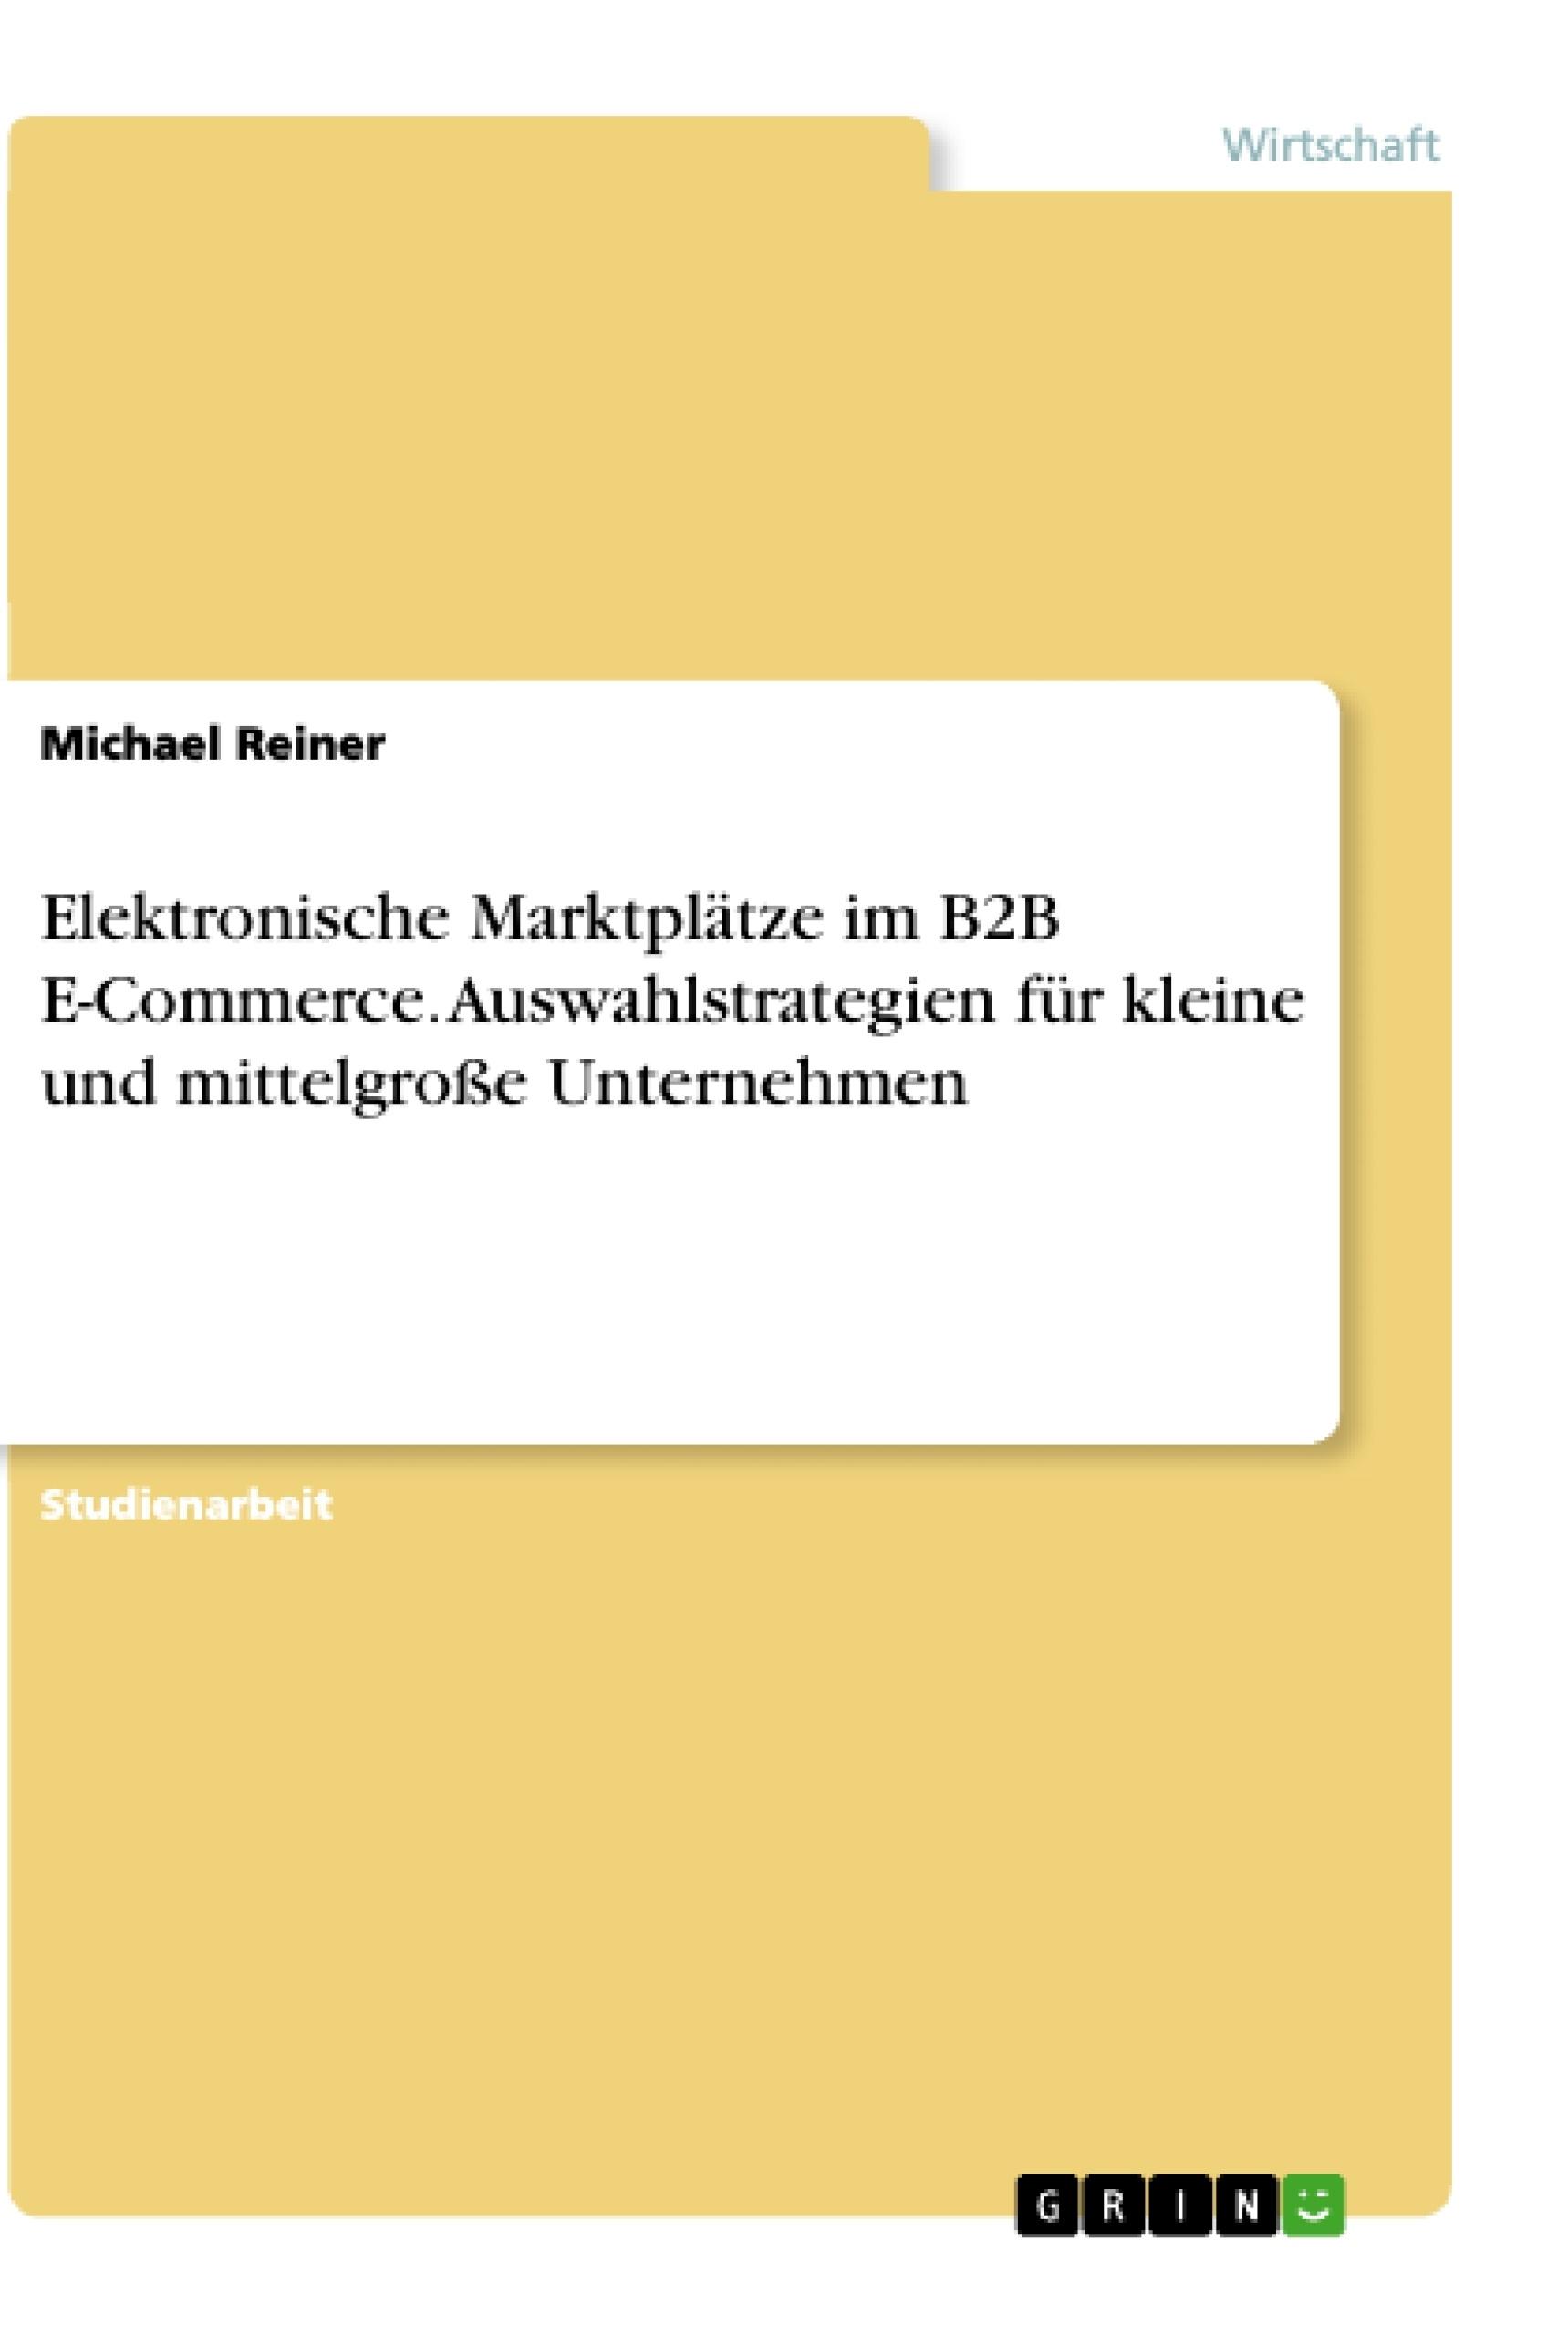 Titel: Elektronische Marktplätze im B2B E-Commerce. Auswahlstrategien für kleine und mittelgroße Unternehmen